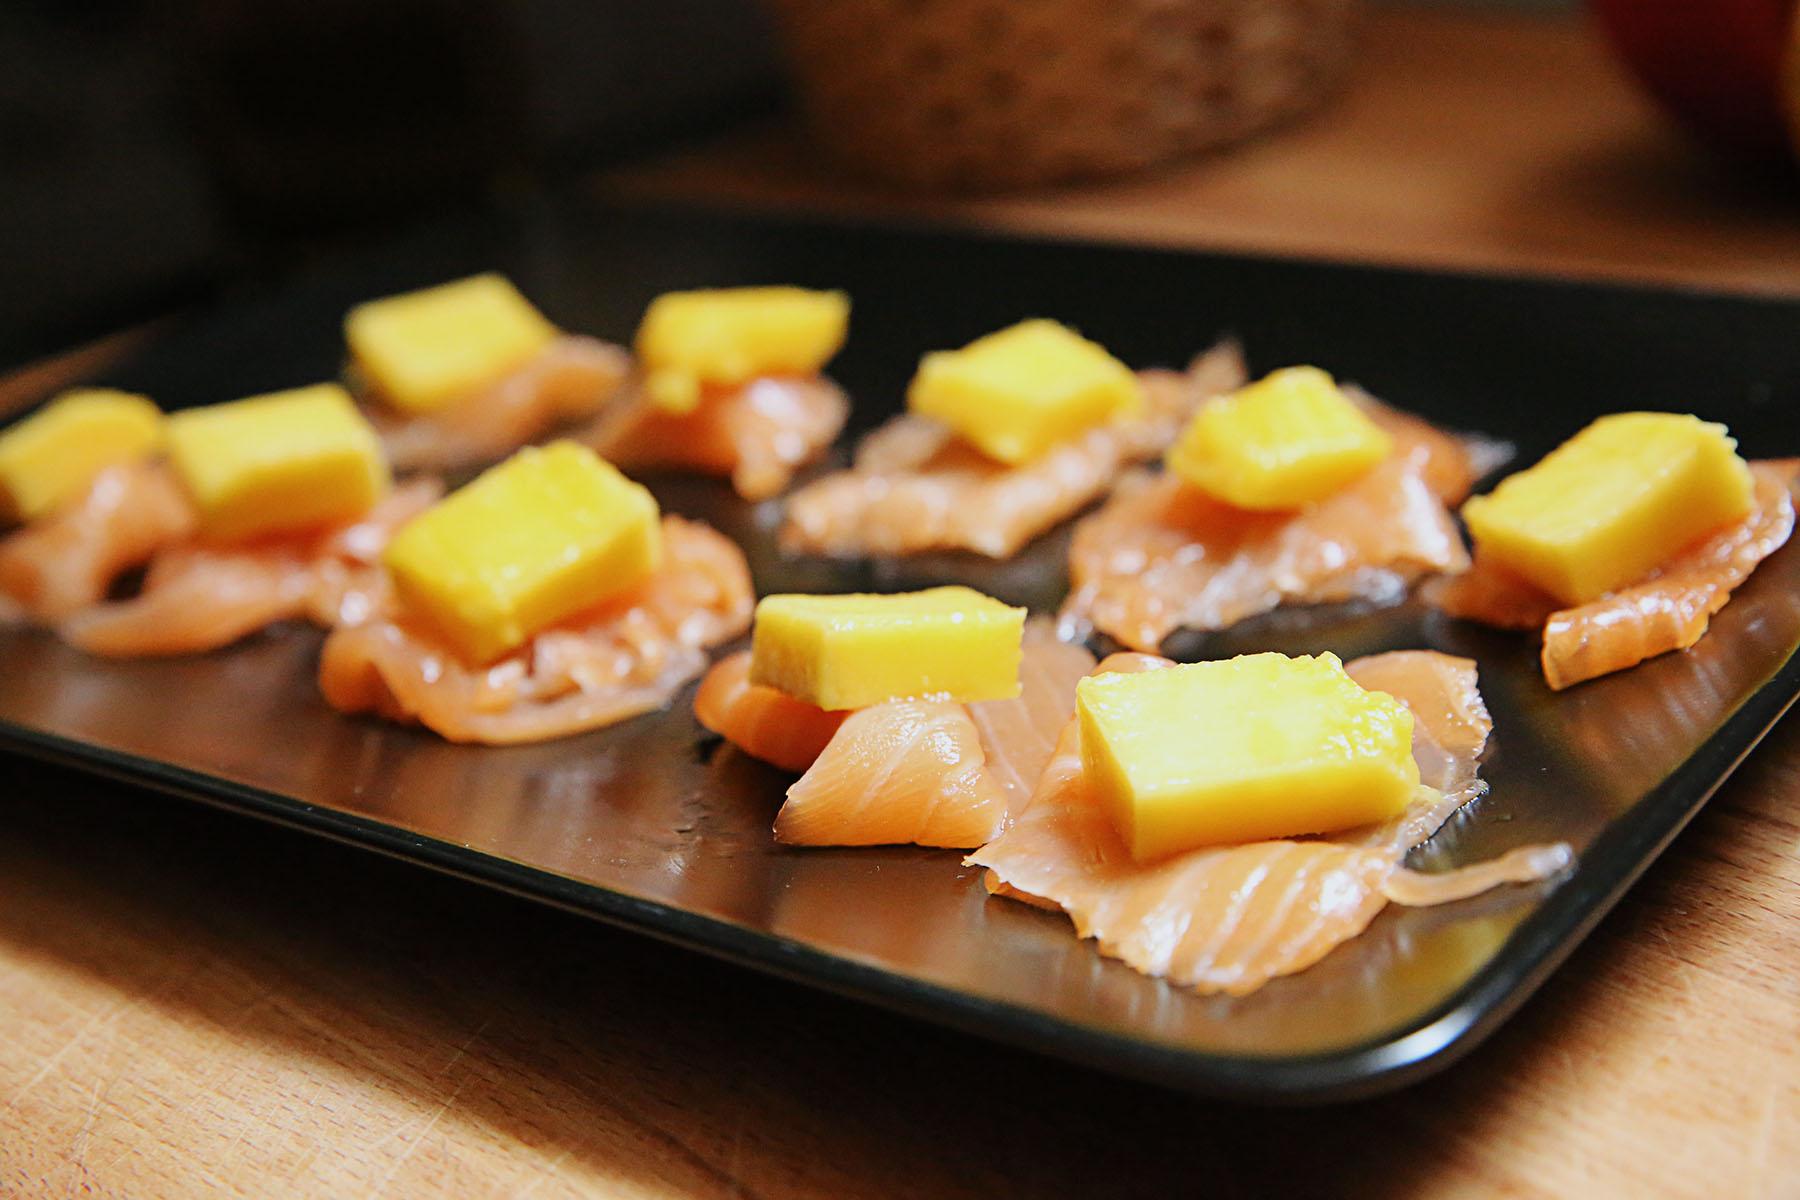 trendy-taste-blog-blogger-fashion-spain-moda-españa-cooking-recipes-recetas-krissia-trendycooking-9